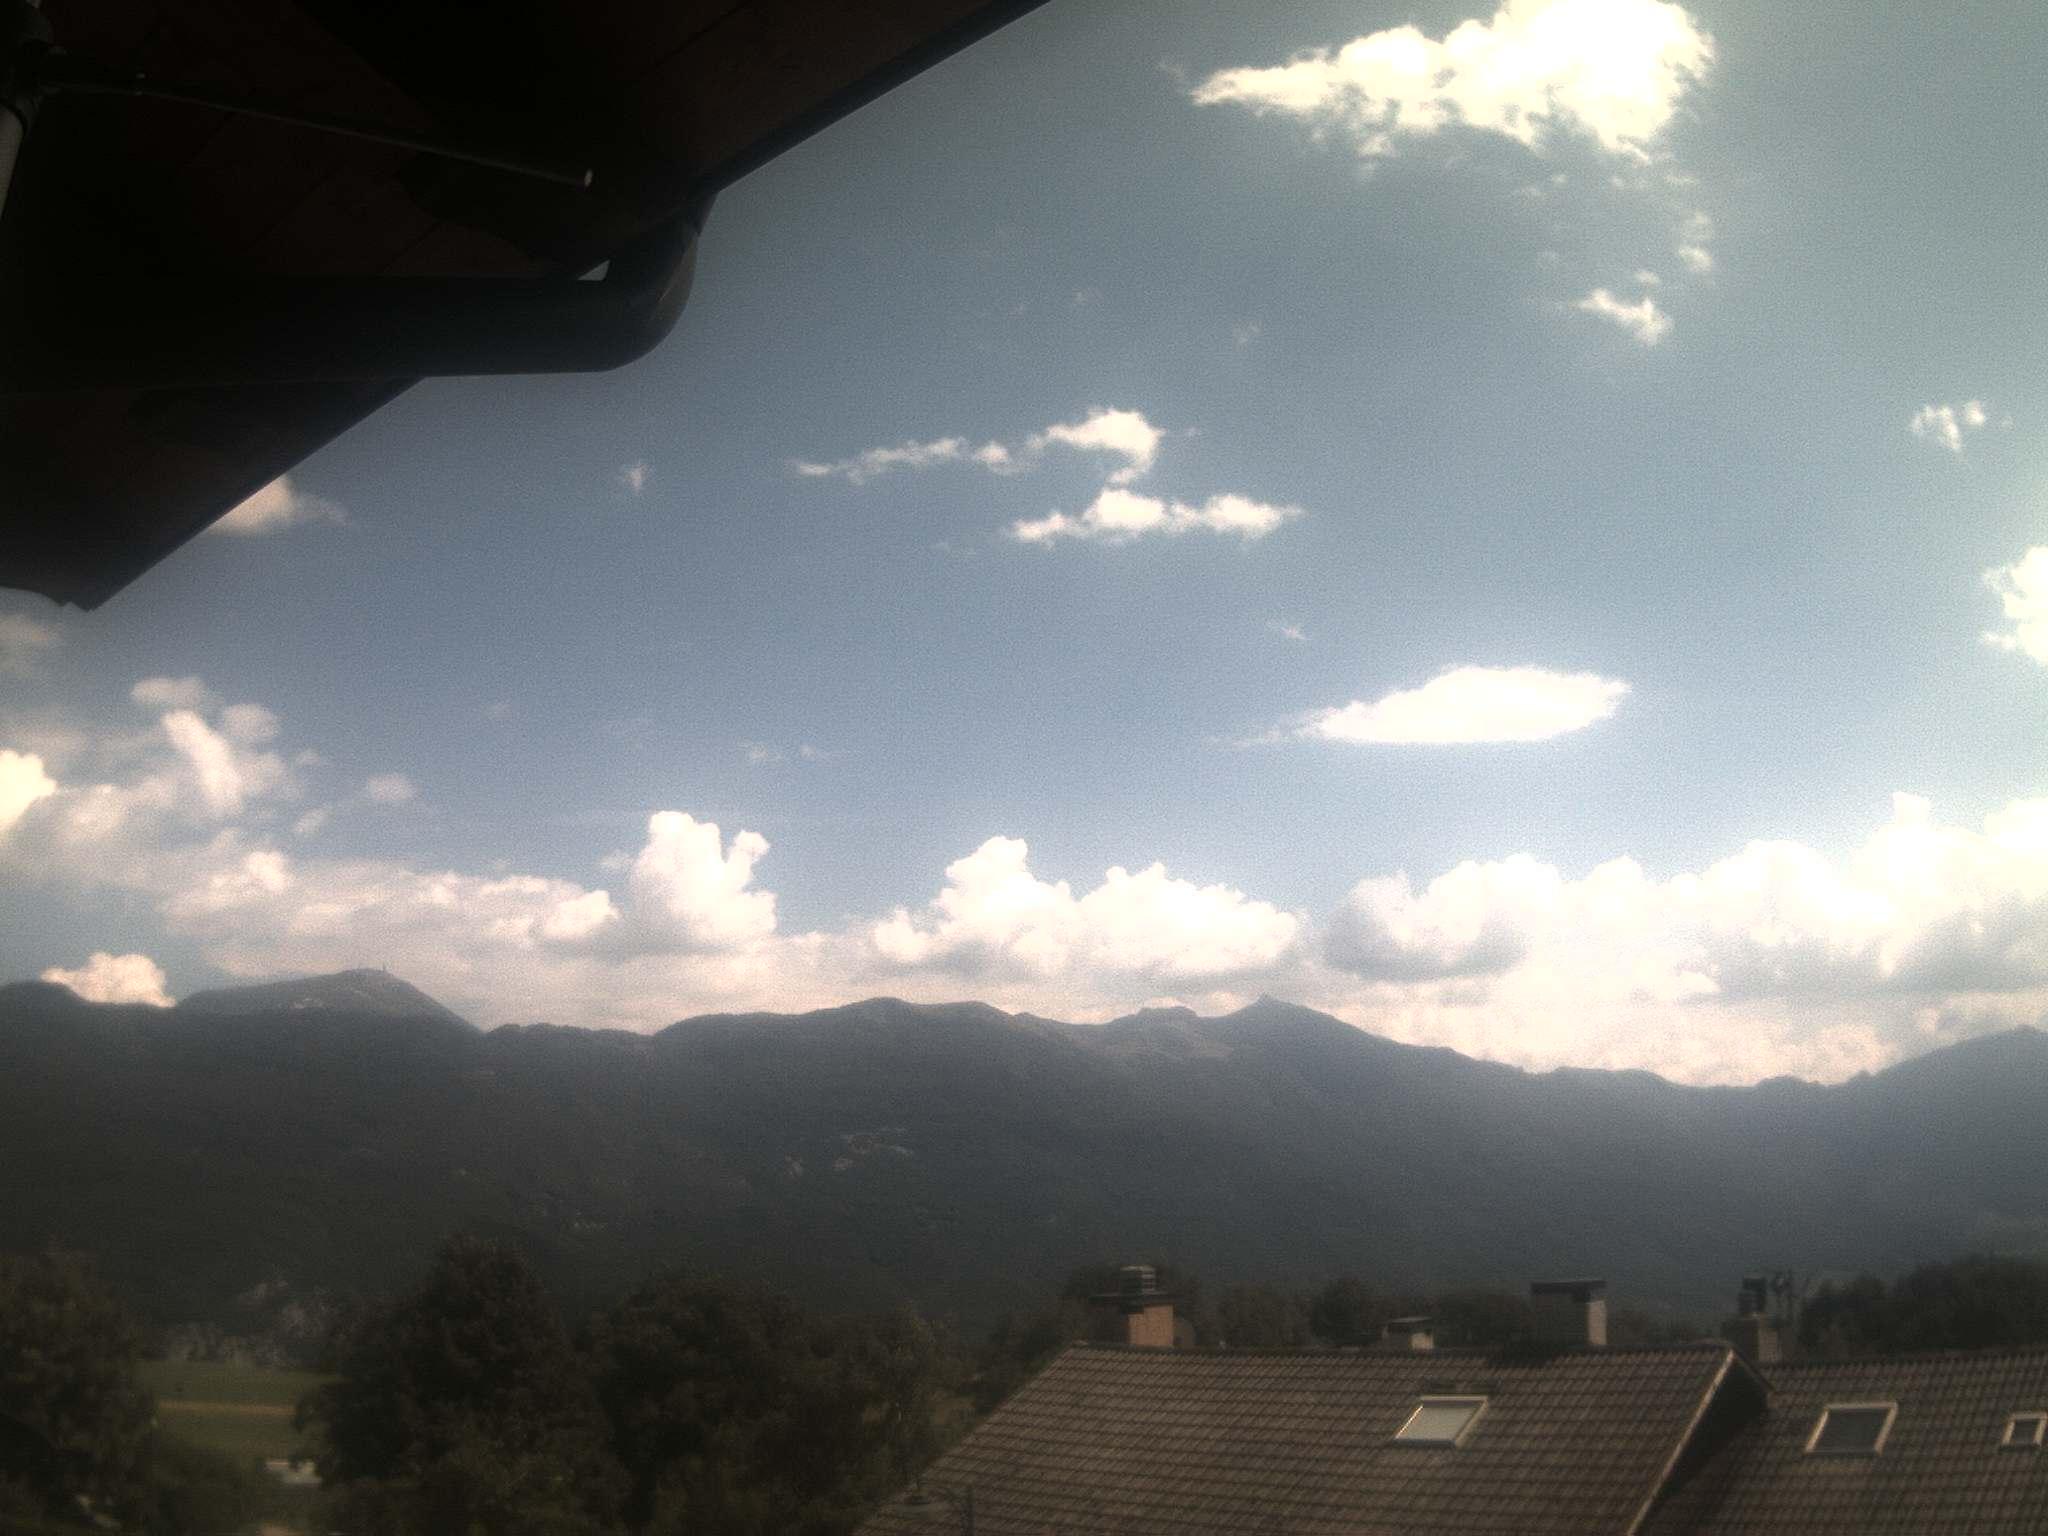 http://meteoweb.valledeilaghi.it/meteomargone/margone4.jpg